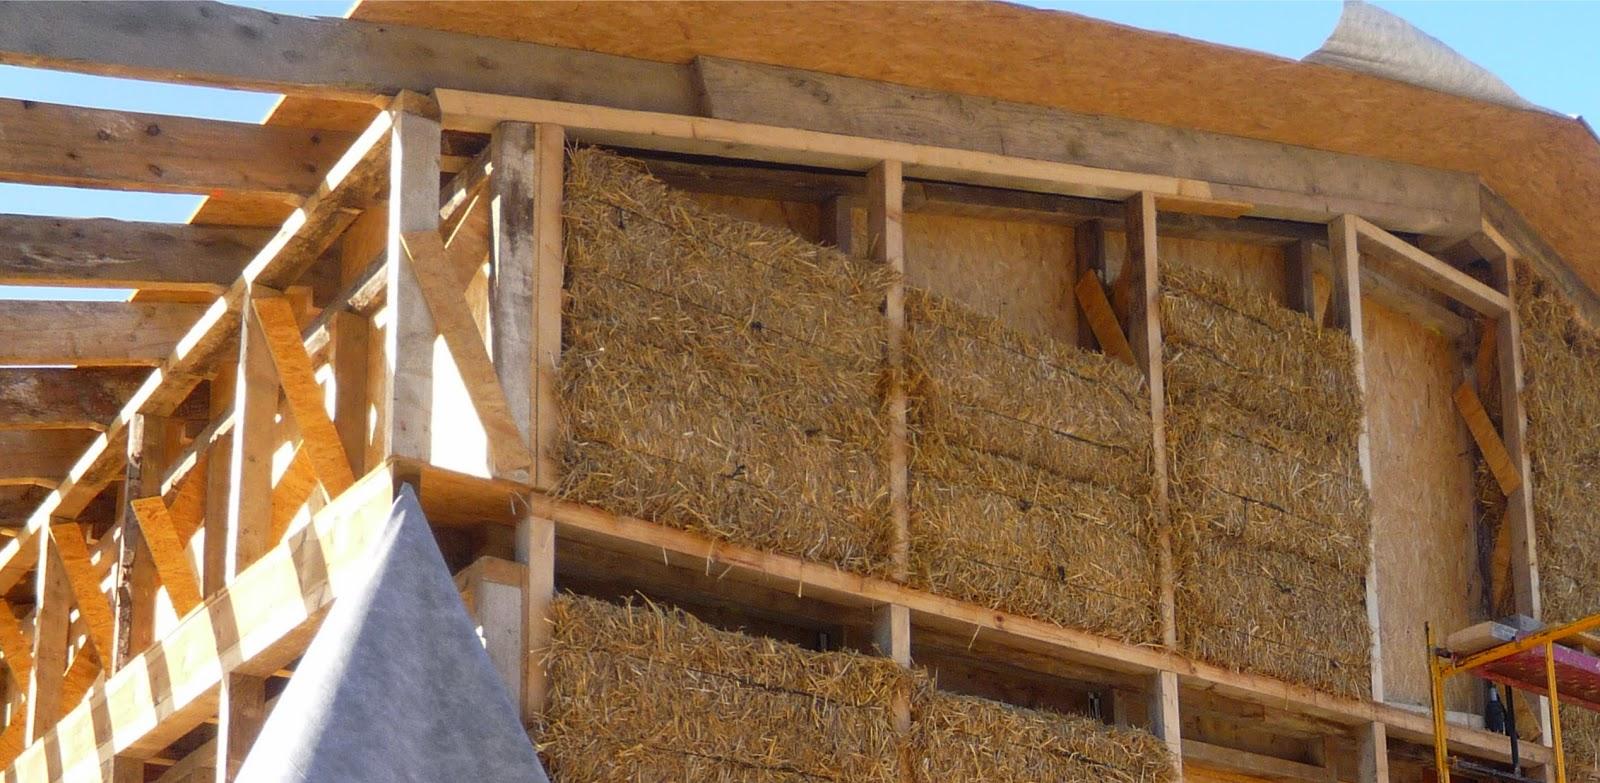 A straw house, El Mas la Llum